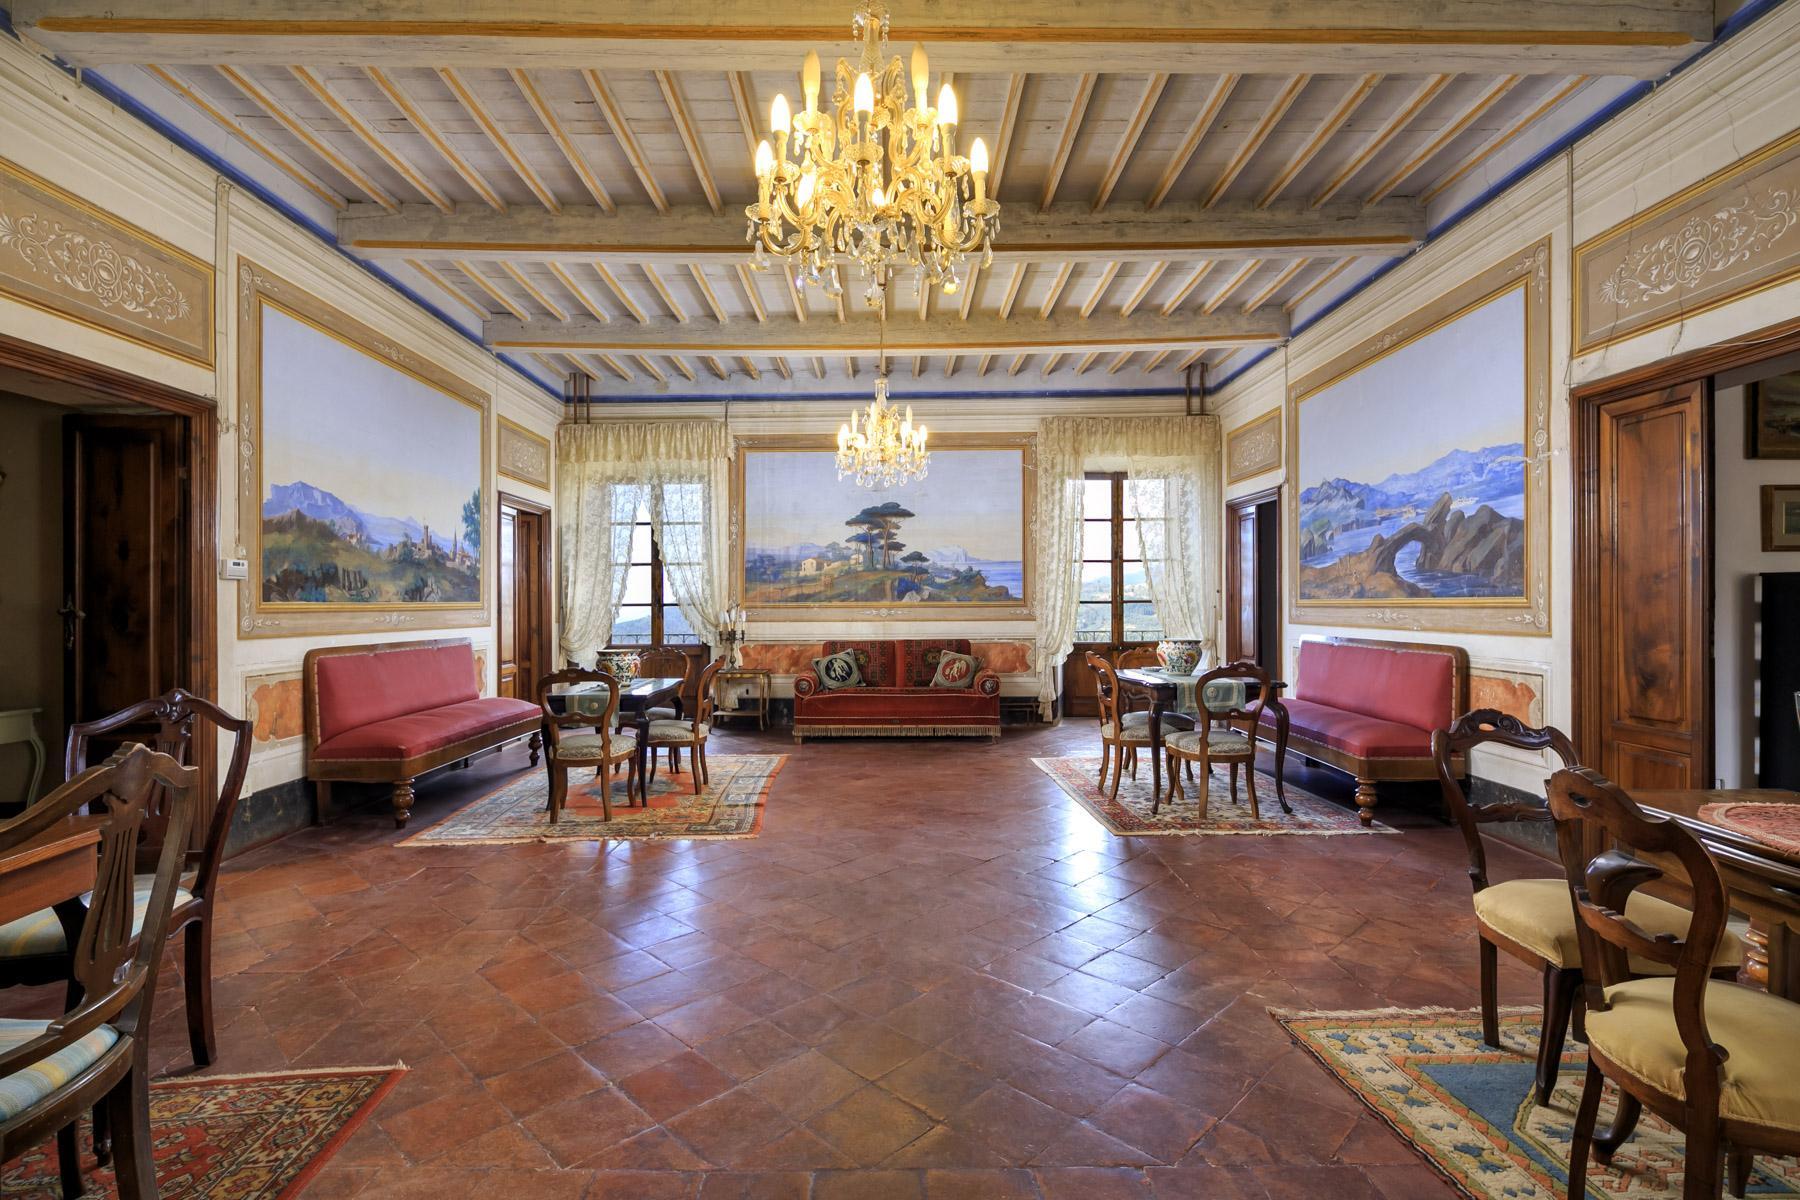 Charmante historische Villa mit Meerblick auf den Hügeln von Massarosa - 4